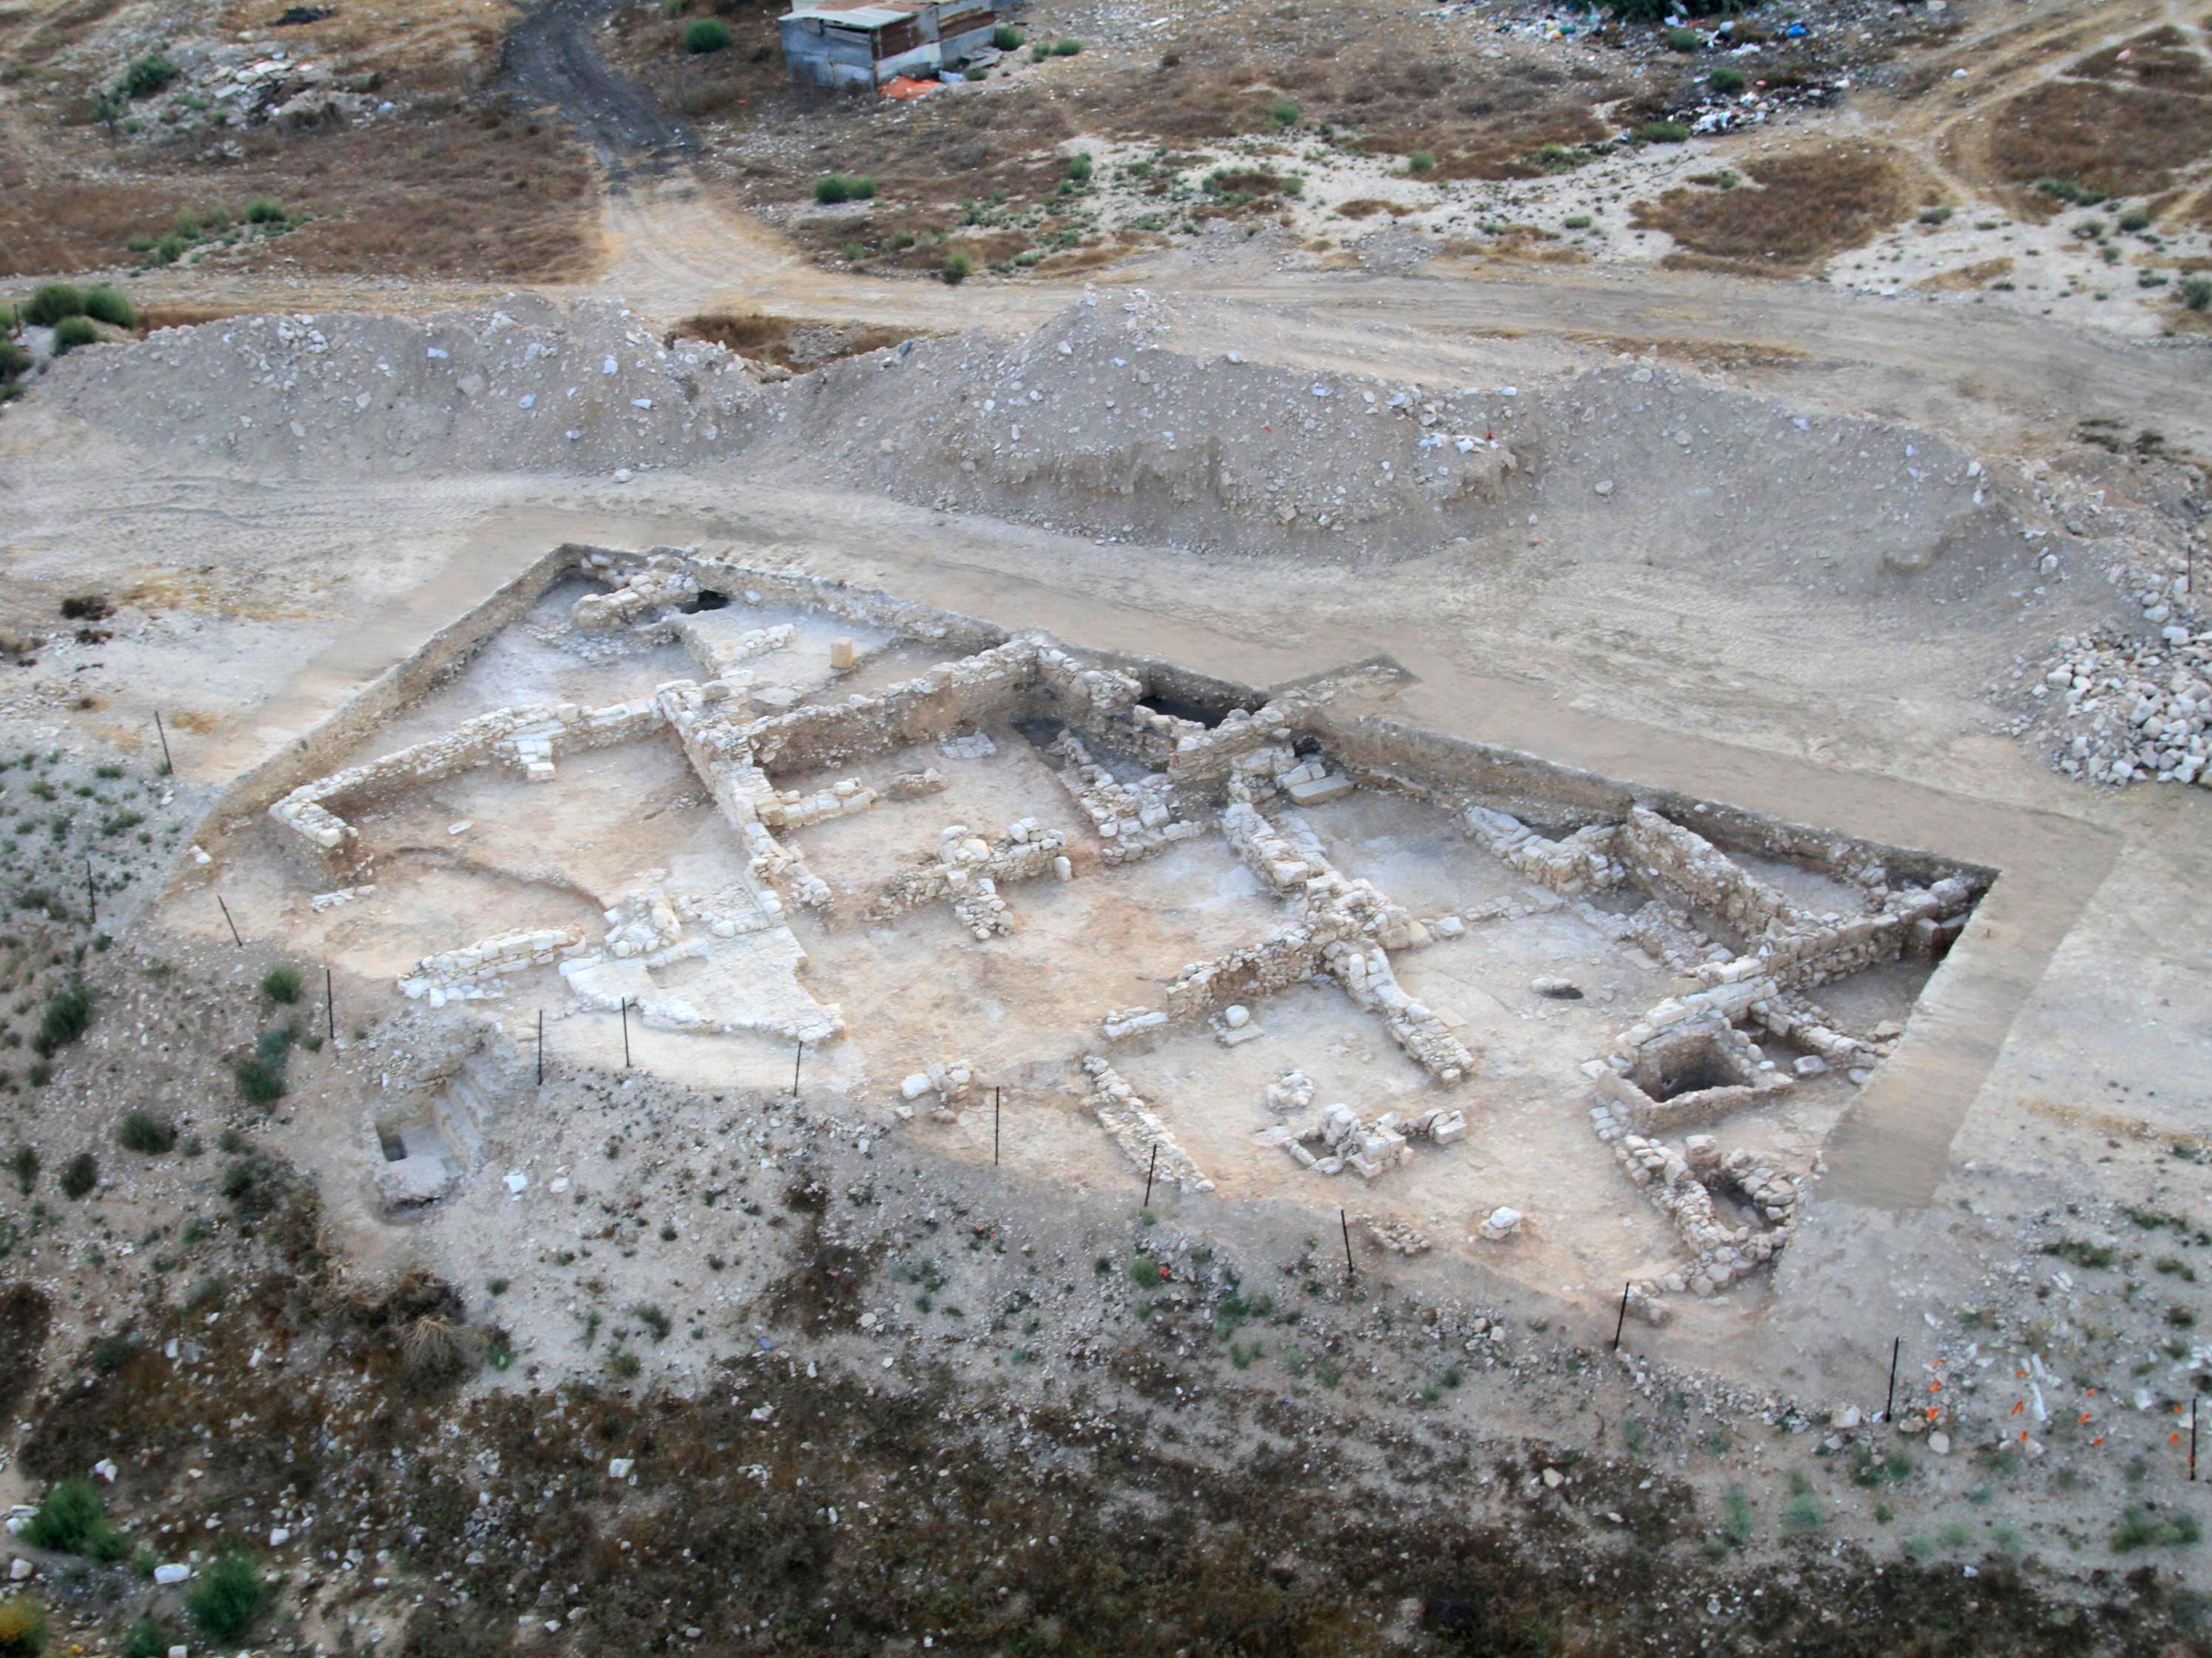 שרידי היישוב היהודי שנחשפו בבאר שבע - צילום אויר של שטח החפירה: חברת Skyview